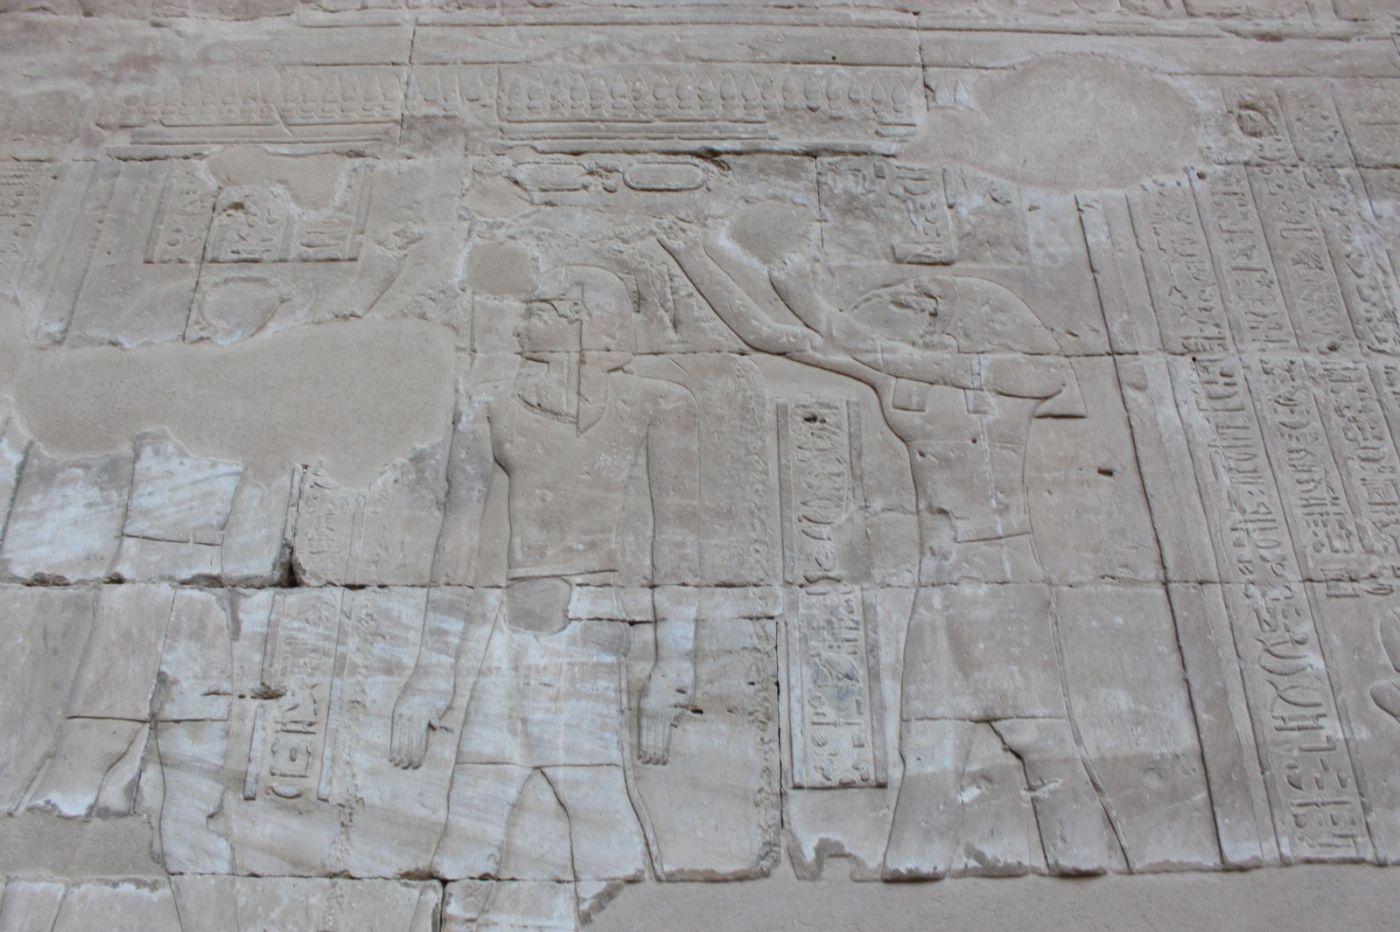 埃德富神庙和卢克索神庙_图1-8